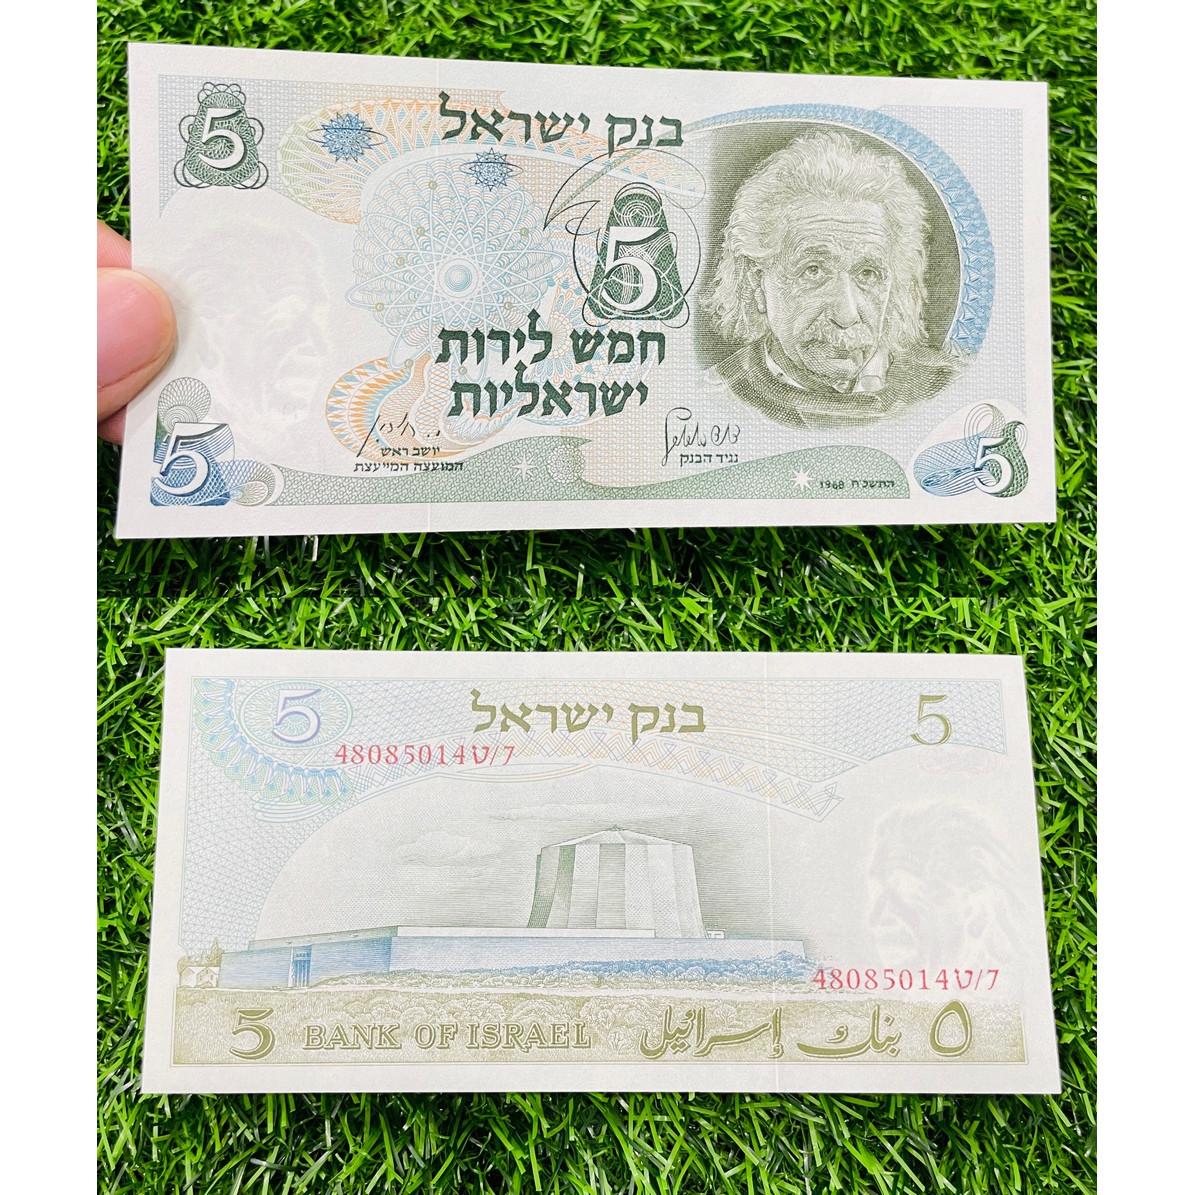 Tiền Israel 5 Sheqels 1968 , chân dung thiên tài toán học Albert Einstein, mới 100% UNC, tặng túi nilon bảo quản